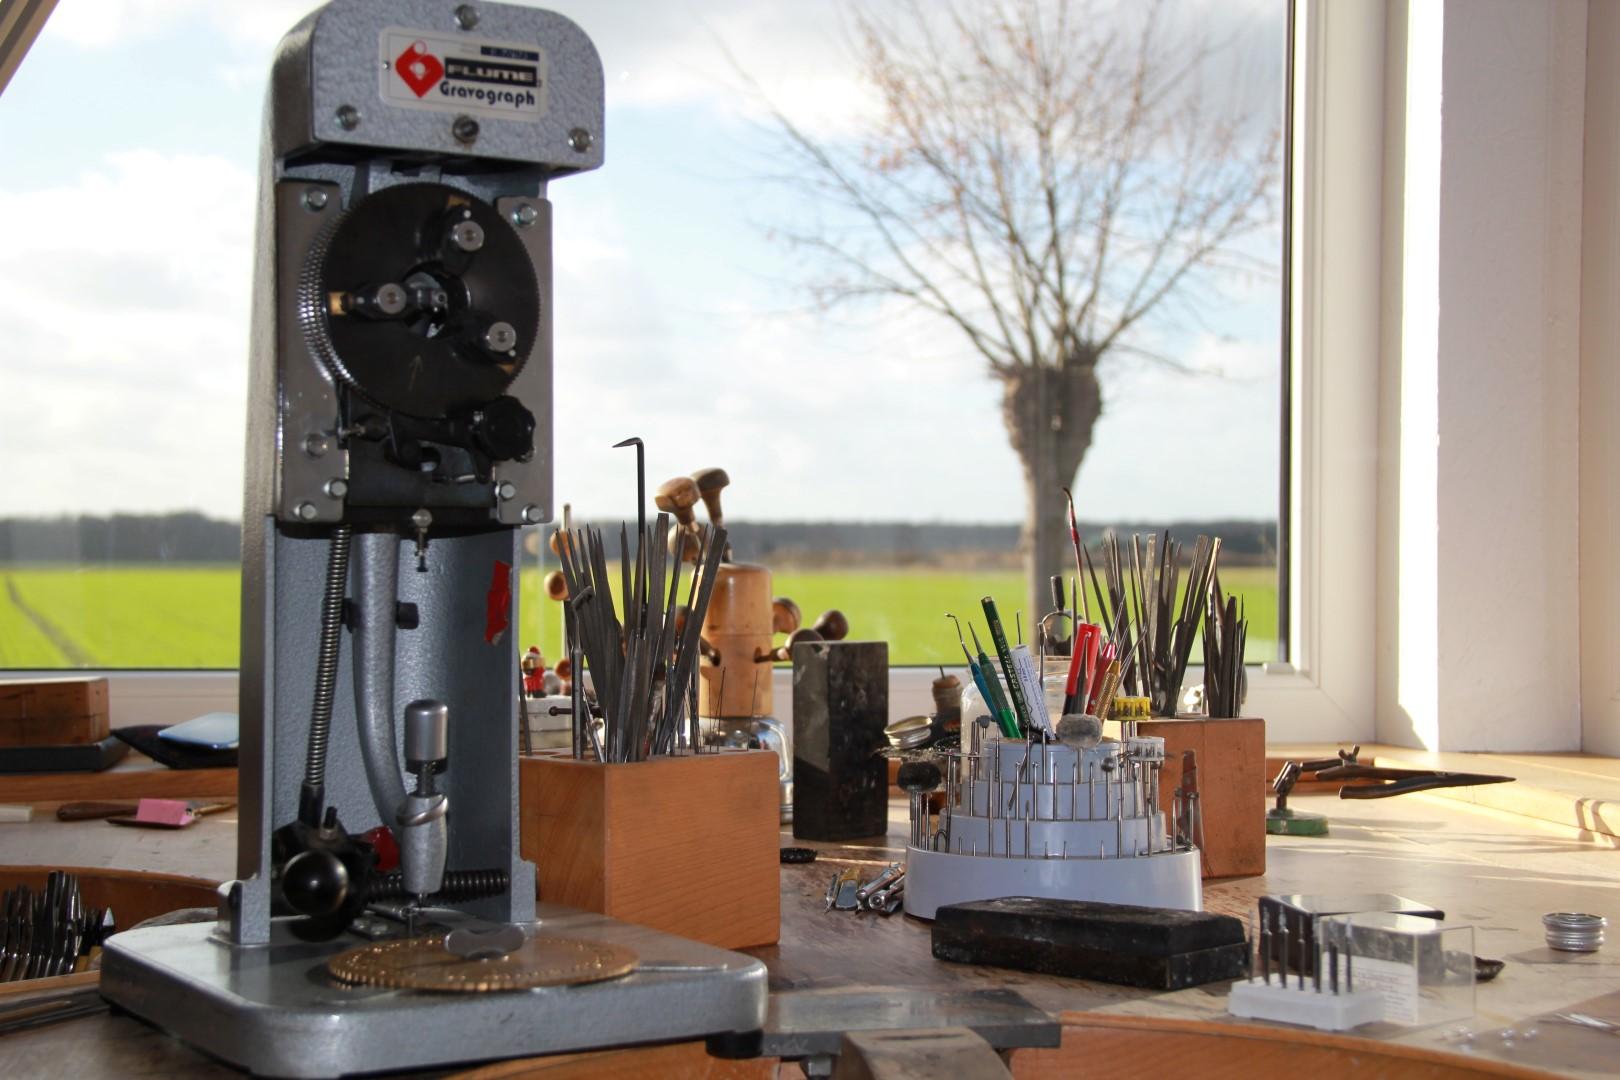 Mit der Graviermaschine wird die Innengravur über eine Schablohne manuell eingraviert.